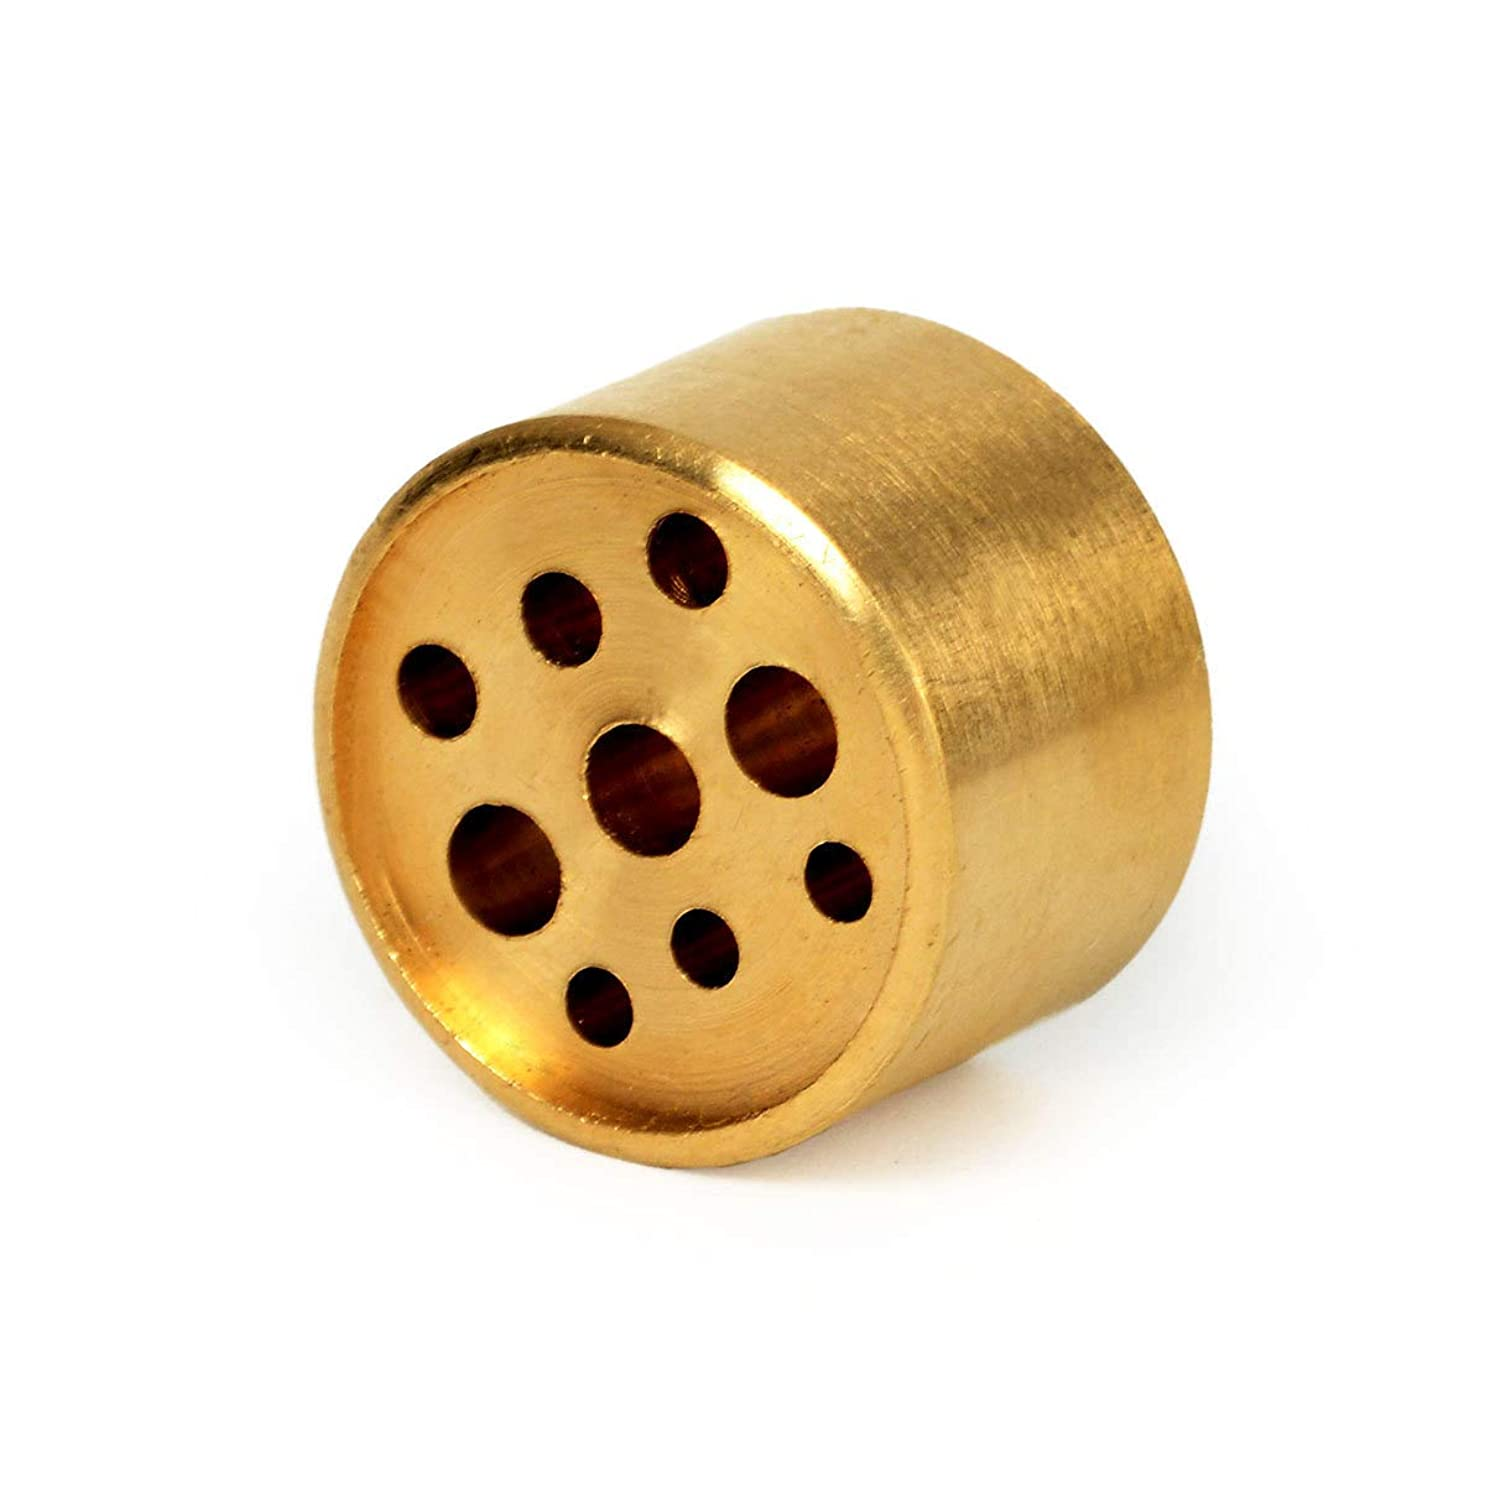 メキシコパテ試用AFZSHG 純銅 9穴 小さなお香スティックホルダー 色あせなし 1.2オンス (34g)